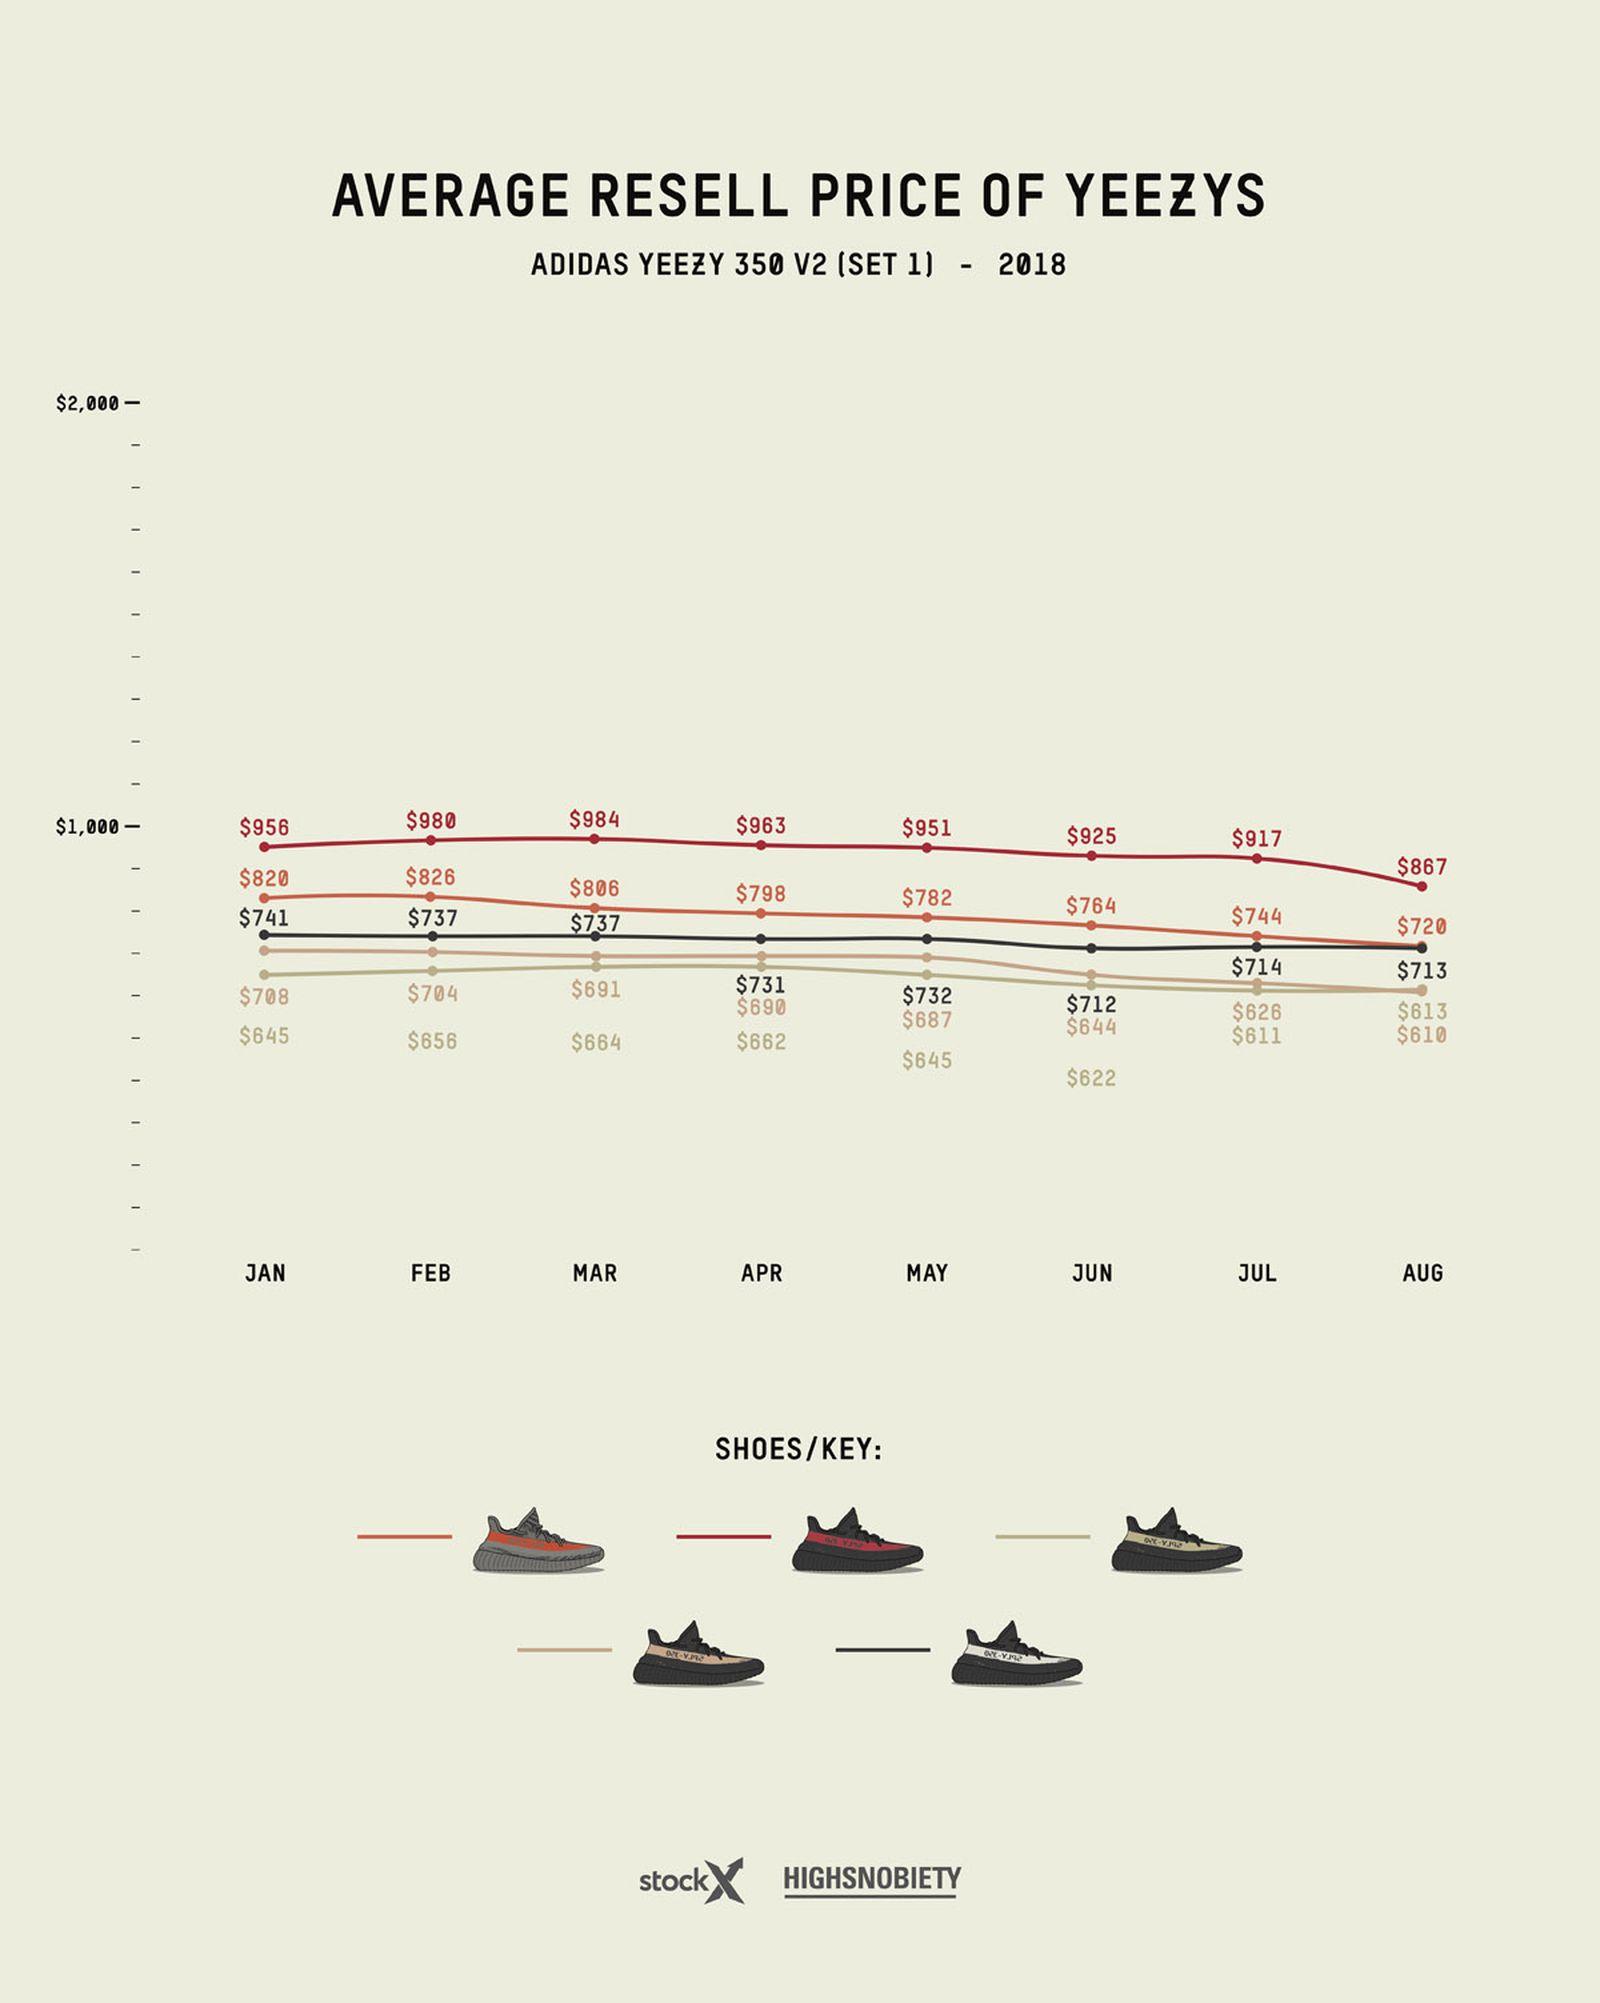 adidas yeezy guide 2019 live 6 Grailed StockX adidas Originals